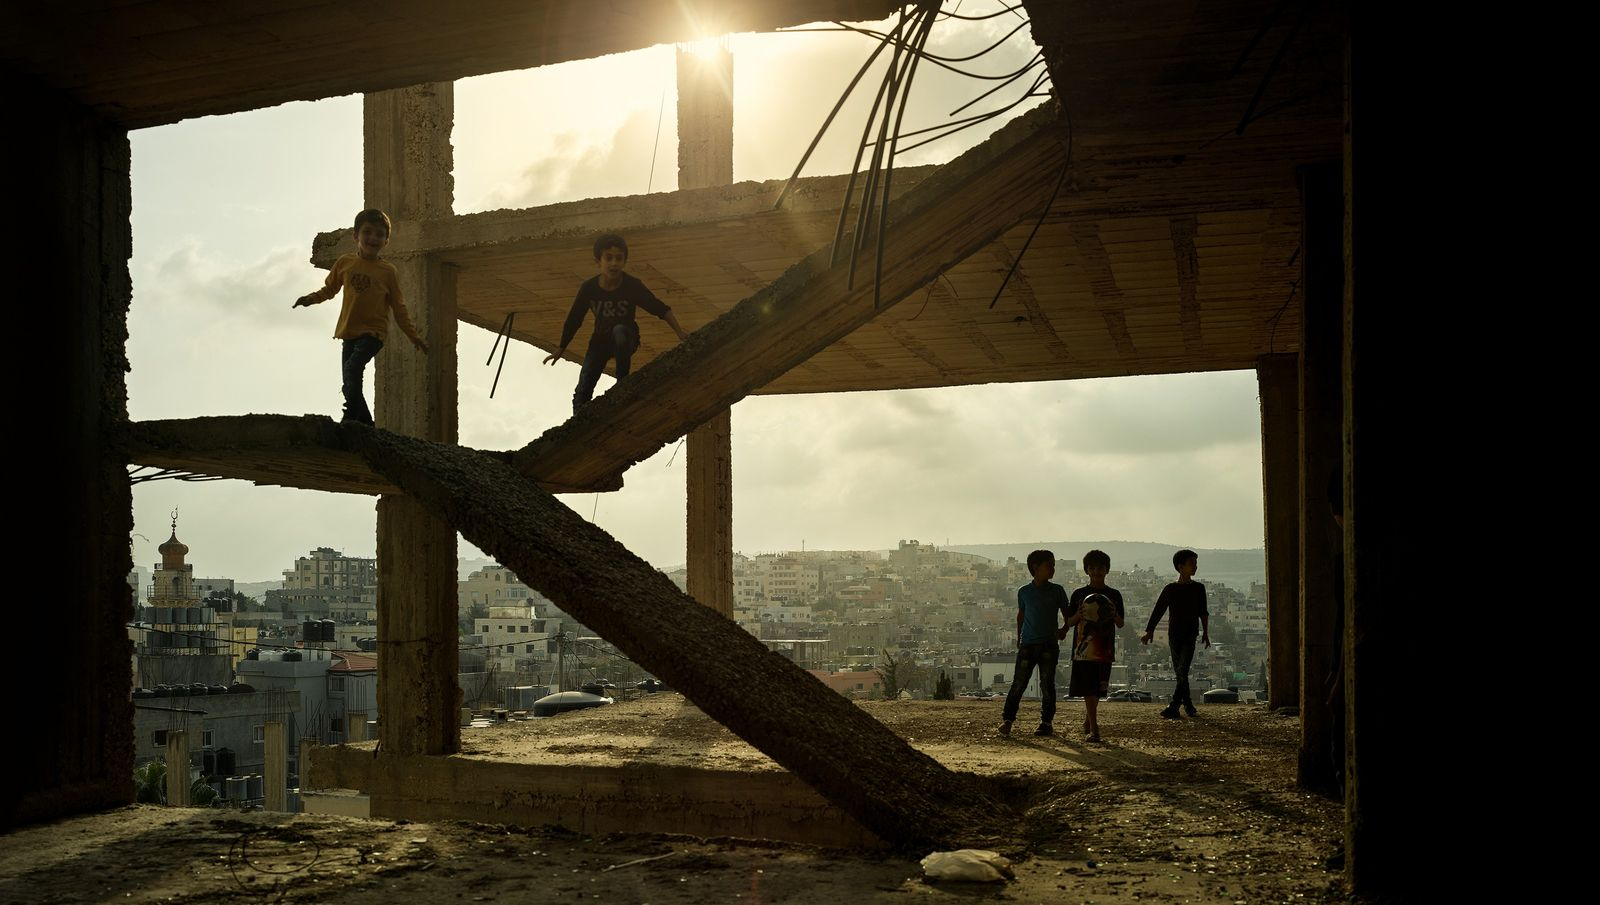 La vie continue – camps de réfugié.e.s de Dheisheh, Bethléem, Palestine, 2018  Le temporaire a laissé place ...